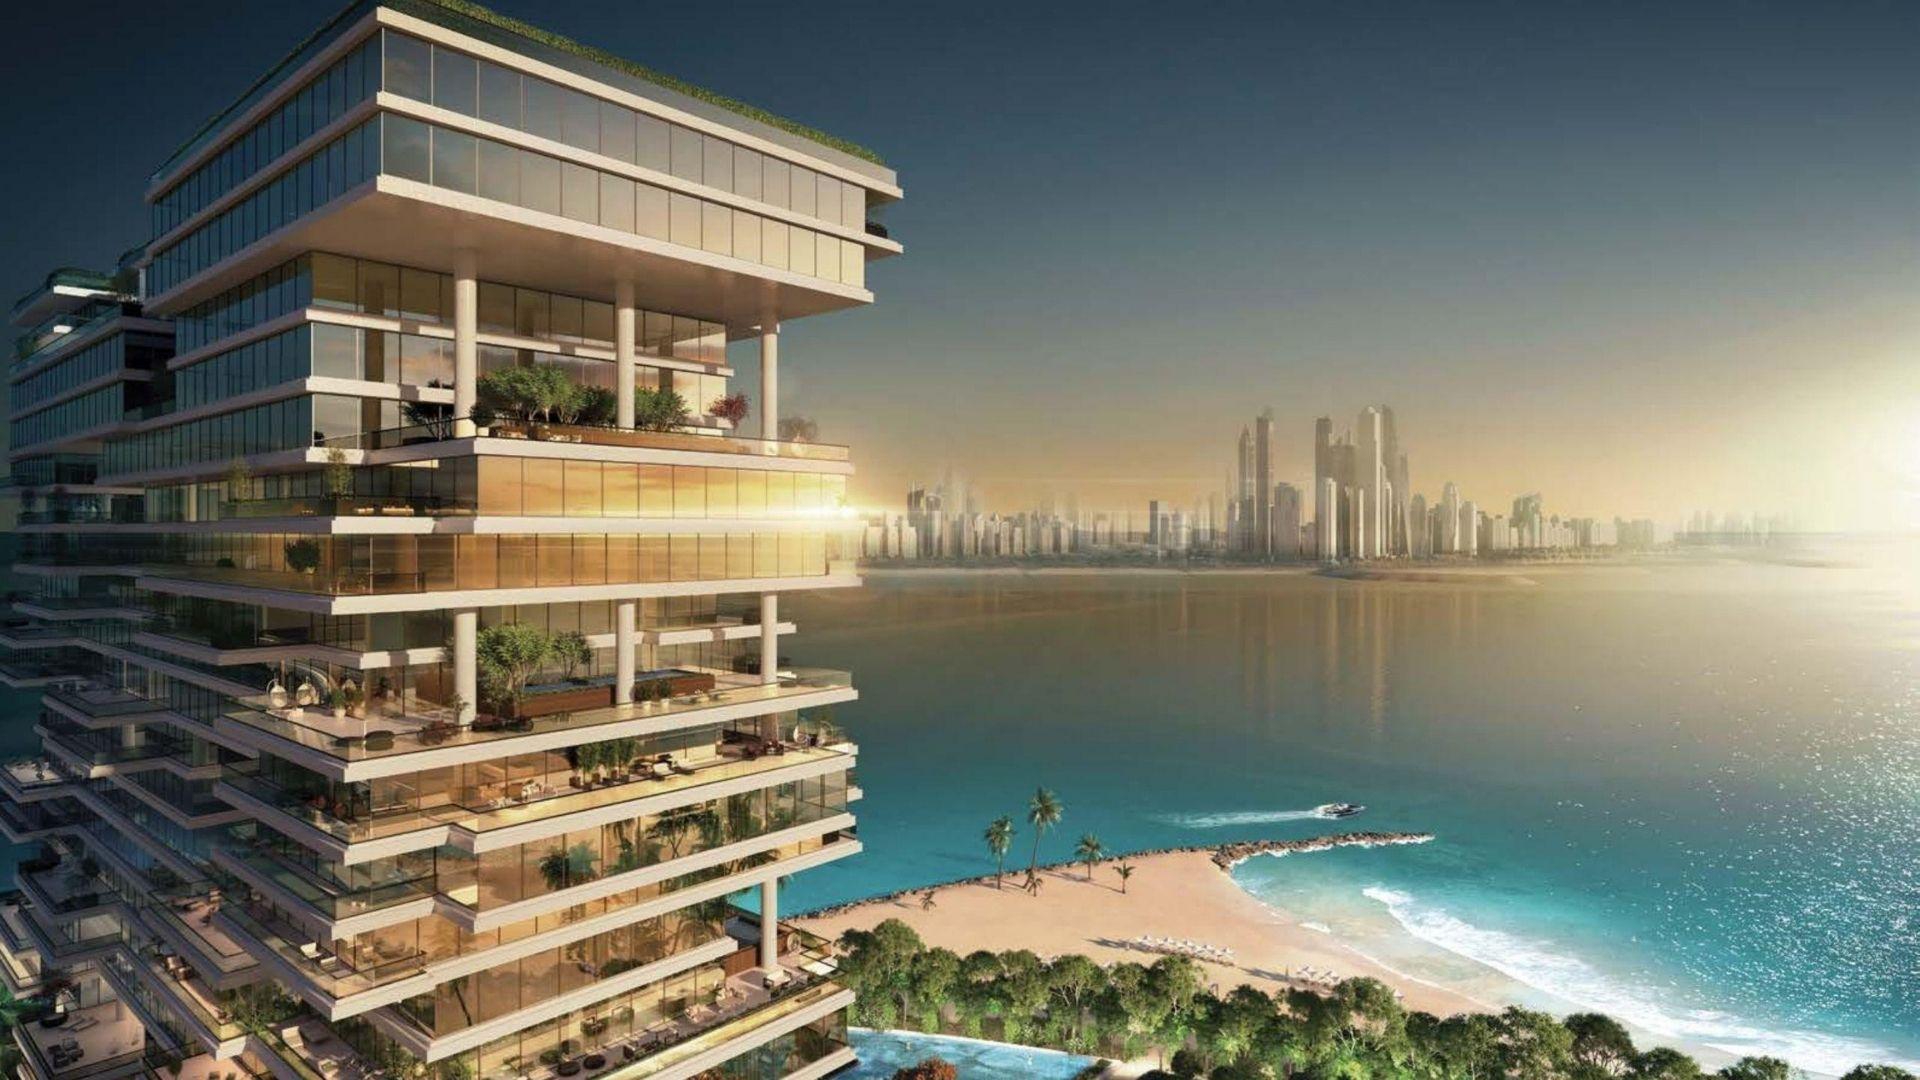 8 - Живите как члены королевской семьи в этих удивительных роскошных домах в Дубае